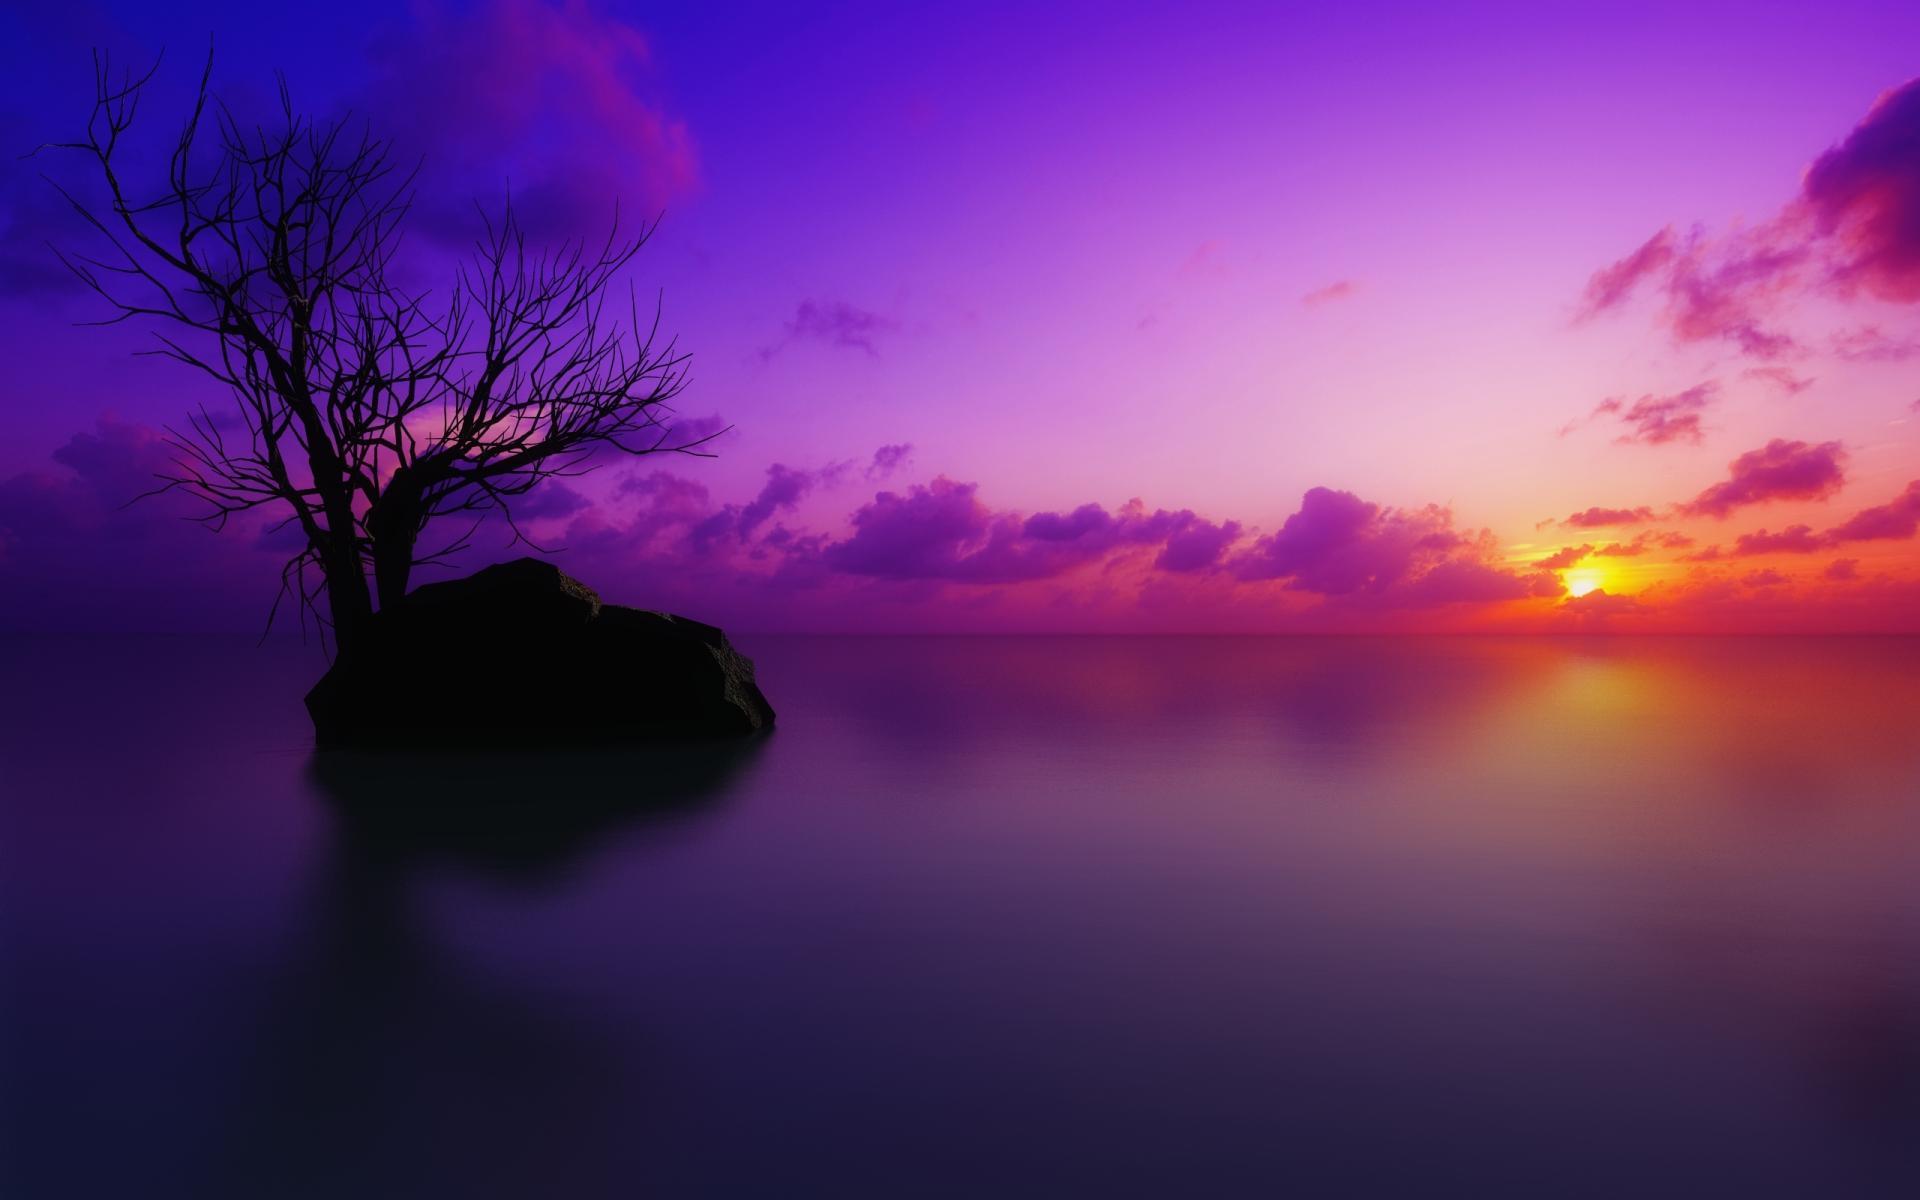 Pink Sunset Backgrounds wallpaper wallpaper hd background desktop 1920x1200